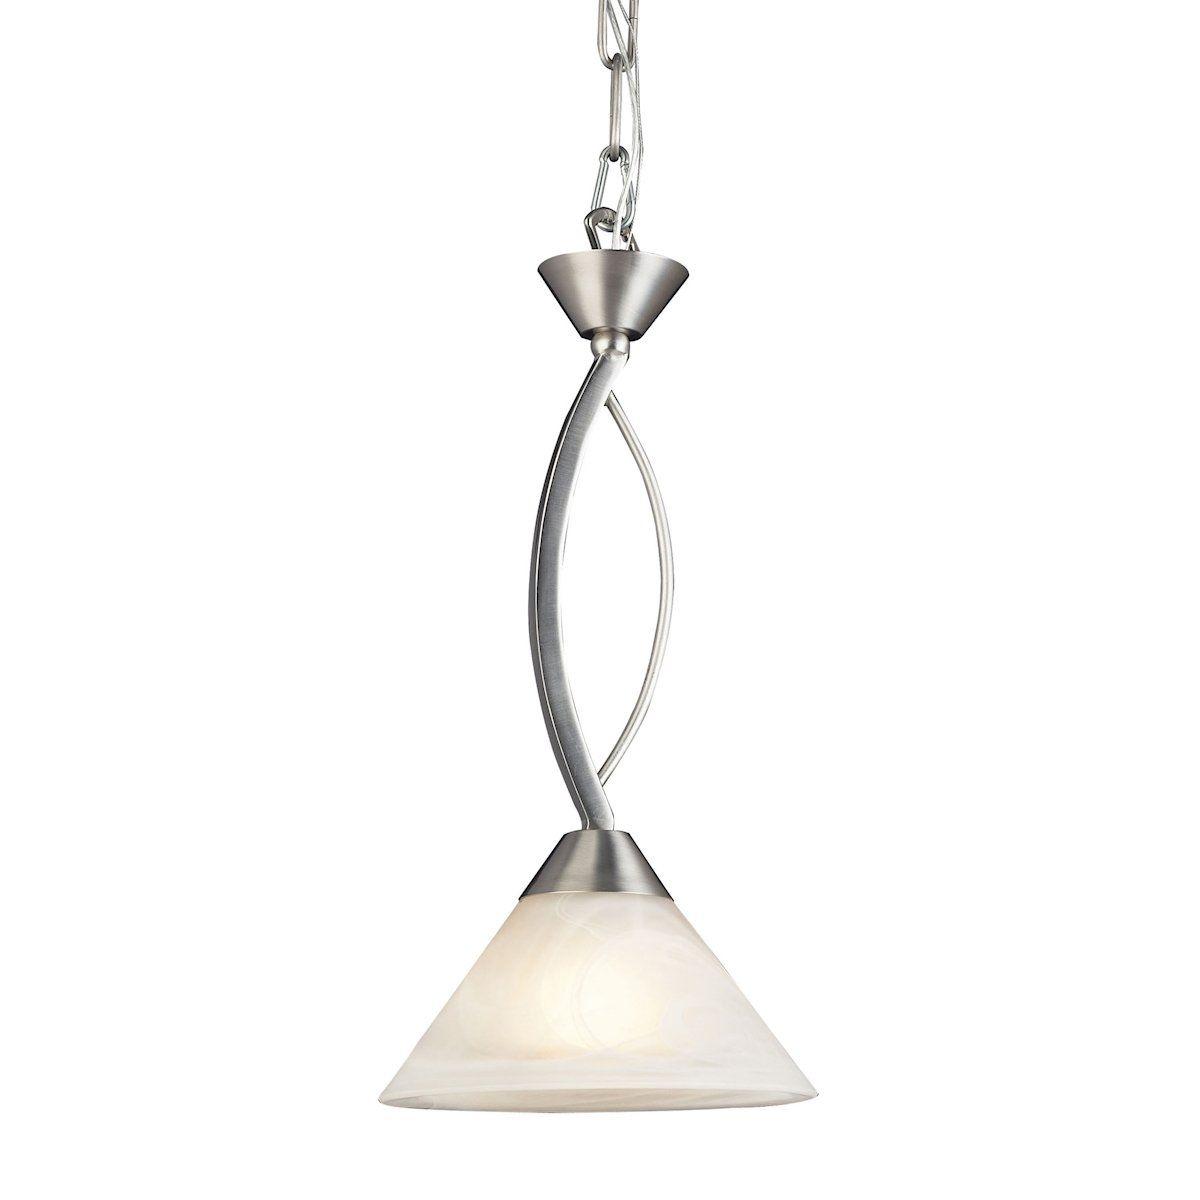 Elk lighting elysburg light pendant in satin nickel and white